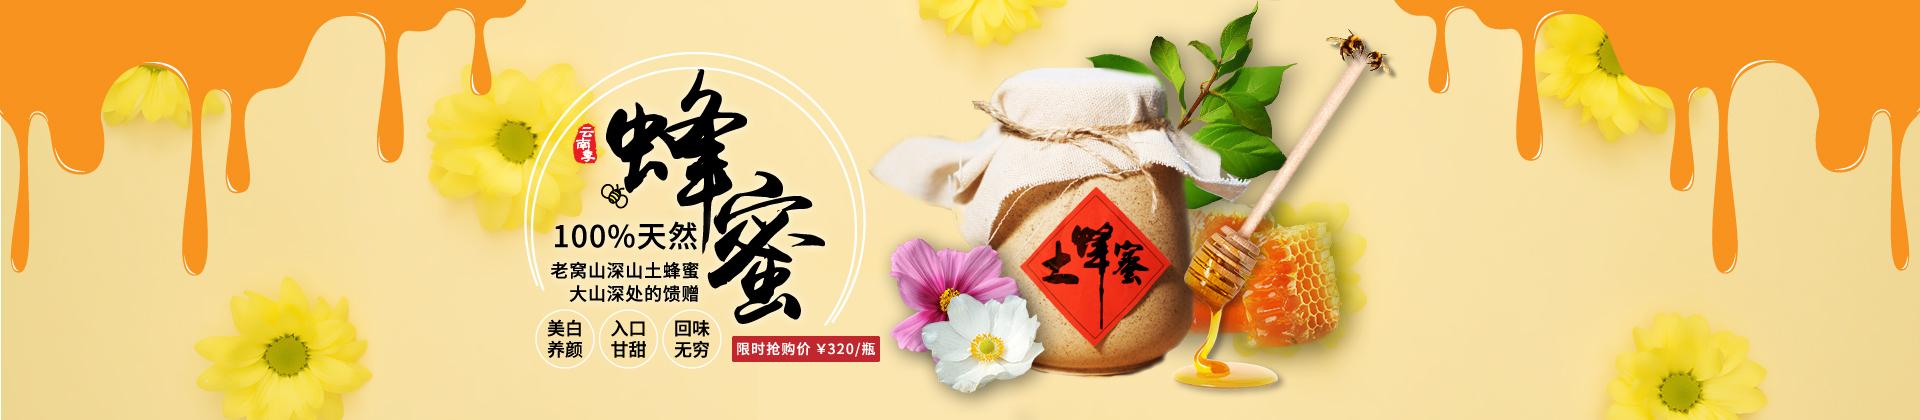 云南季蜂蜜